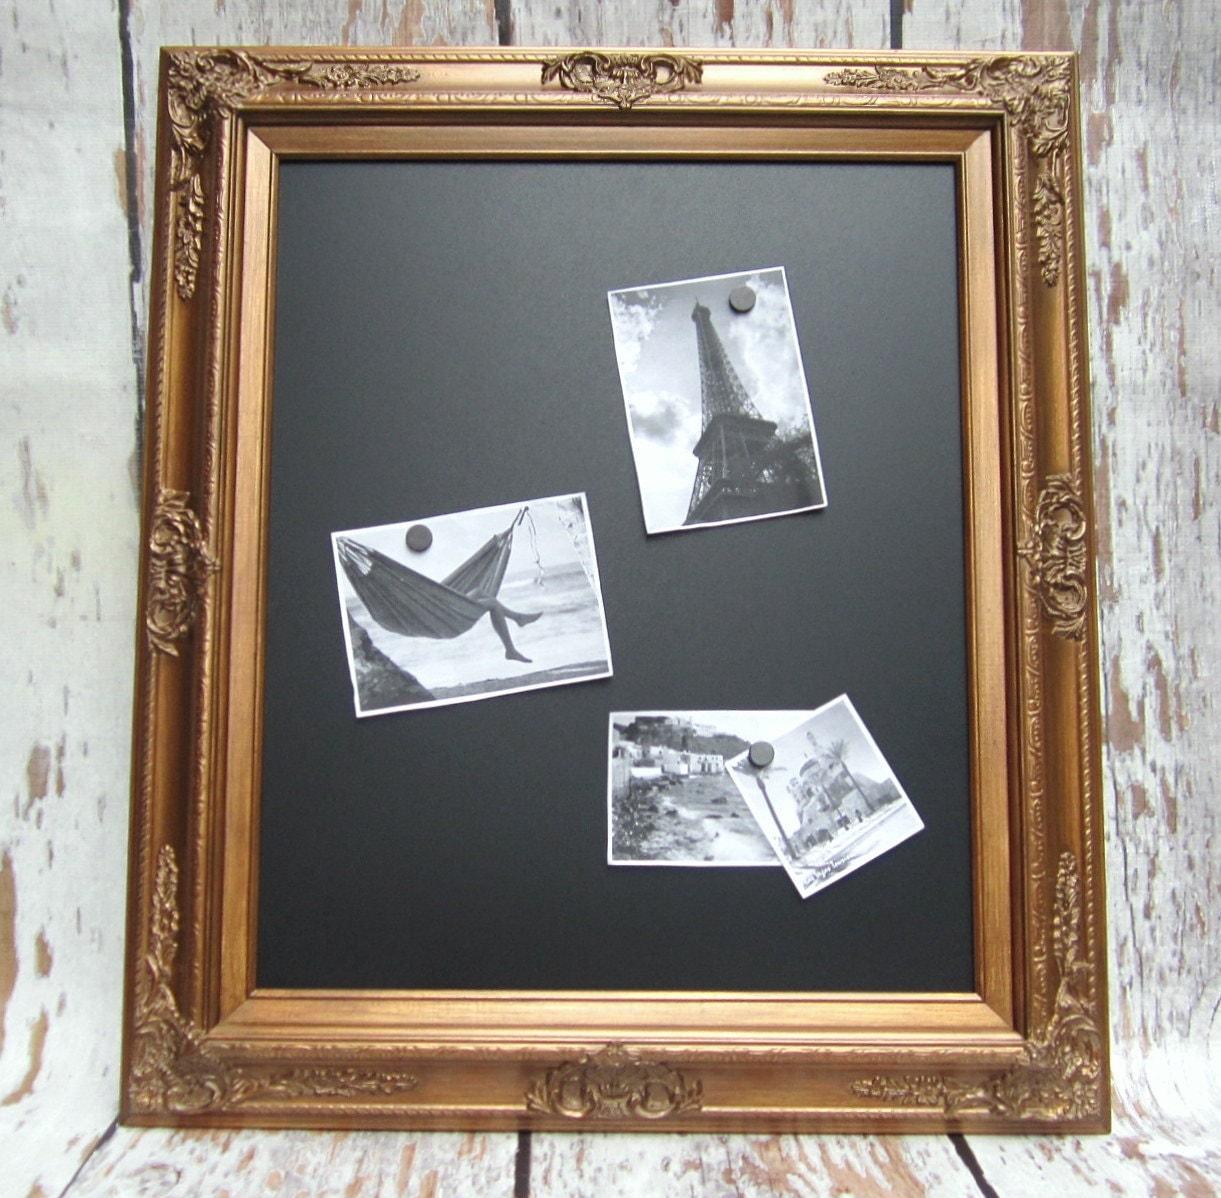 Decorative Framed Chalkboards For Home Baroque Wood Framed